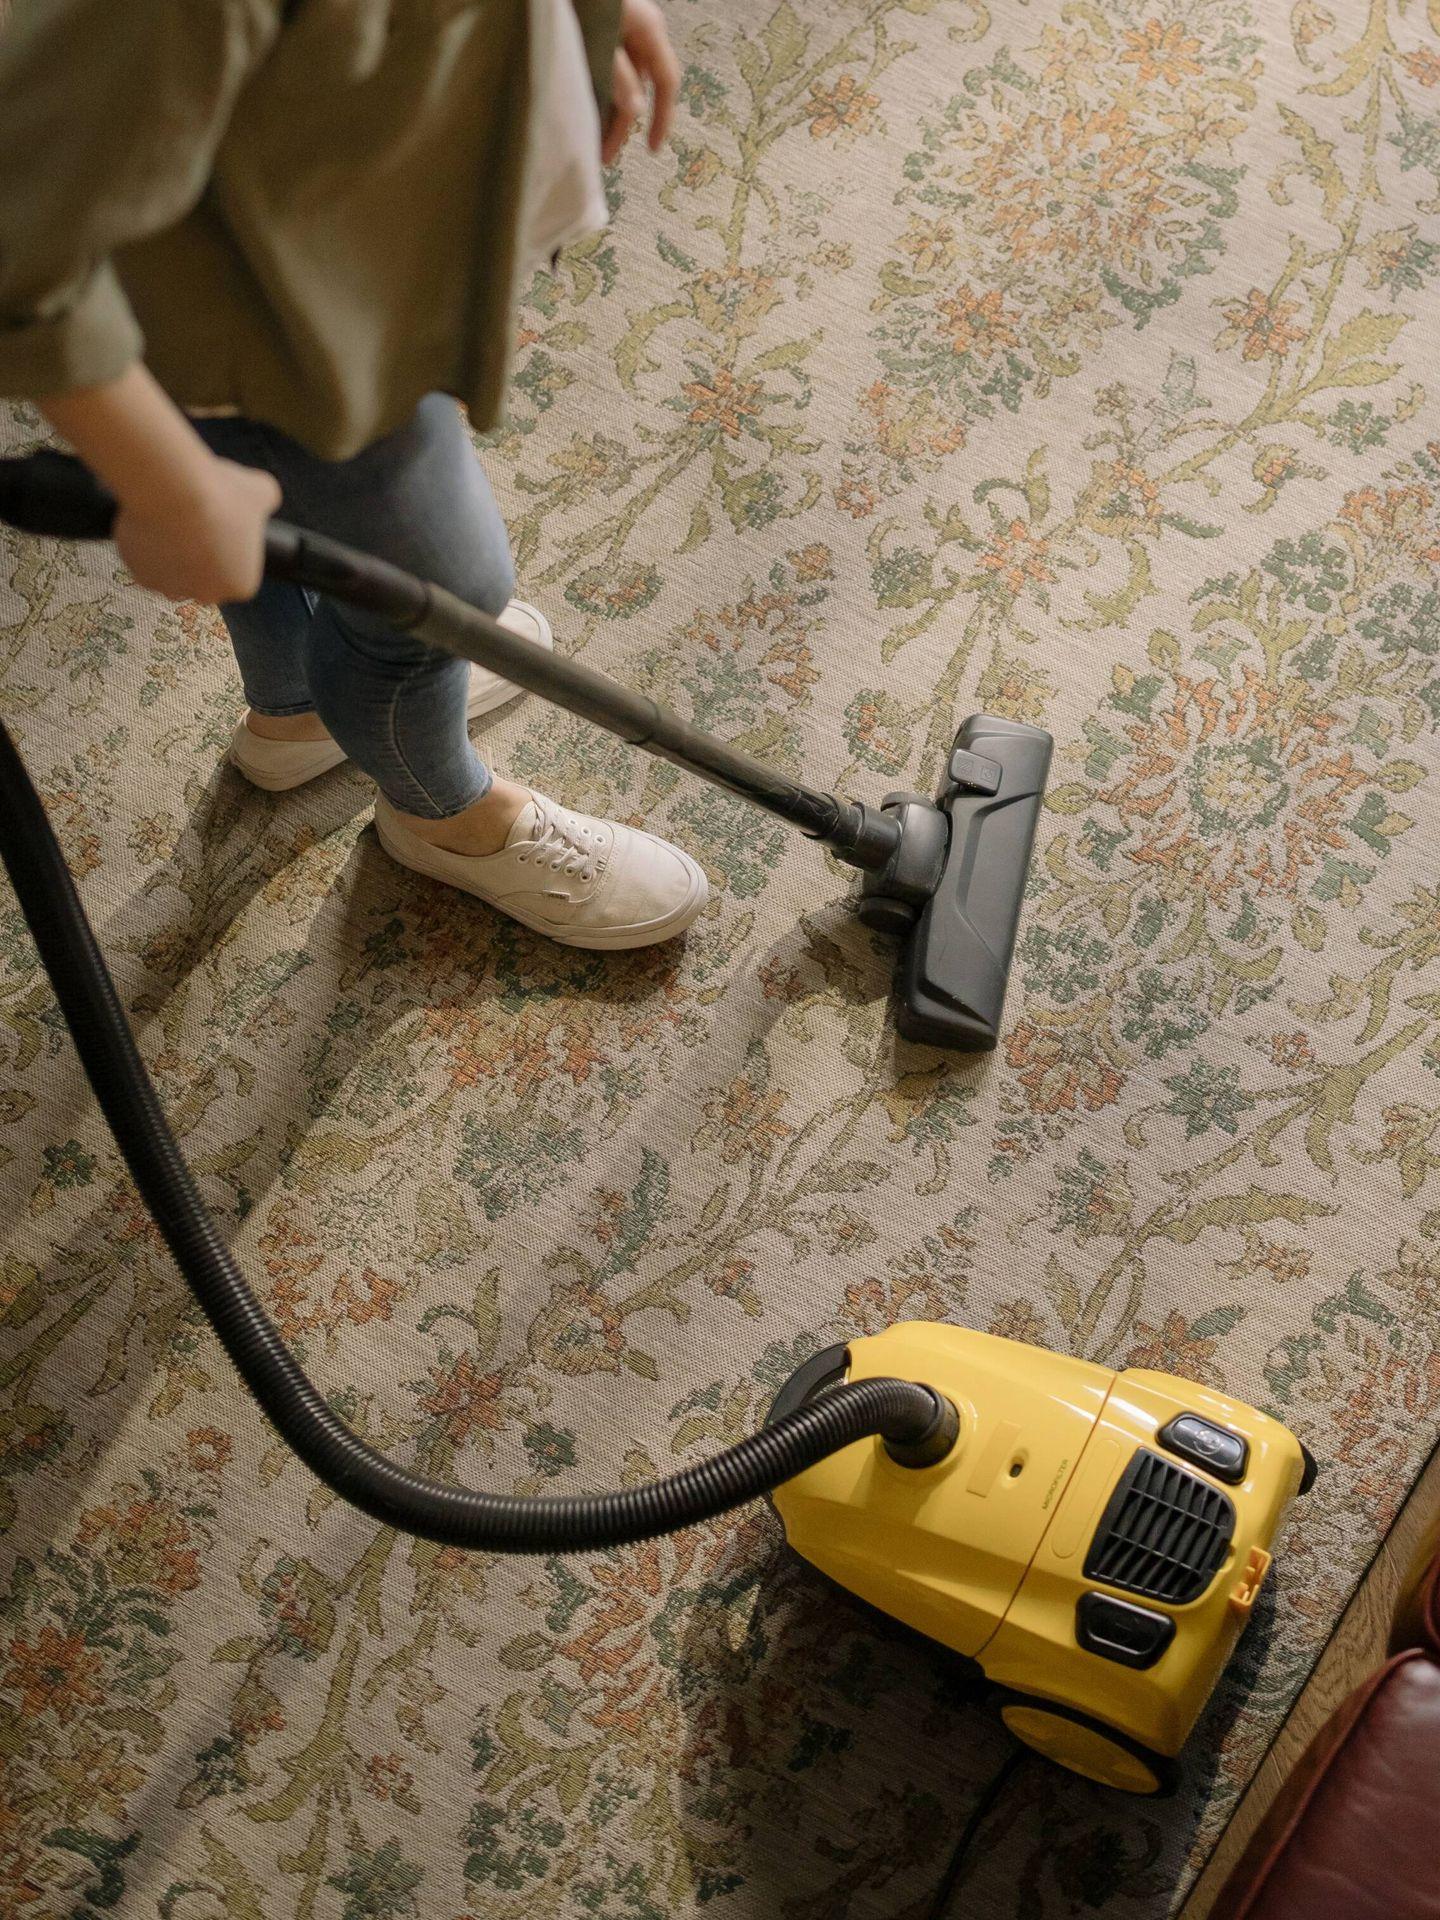 El método FlyLady te ayuda a ordenar y limpiar tu casa, mientras ahorras tiempo. (Cottonbro para Pexels)